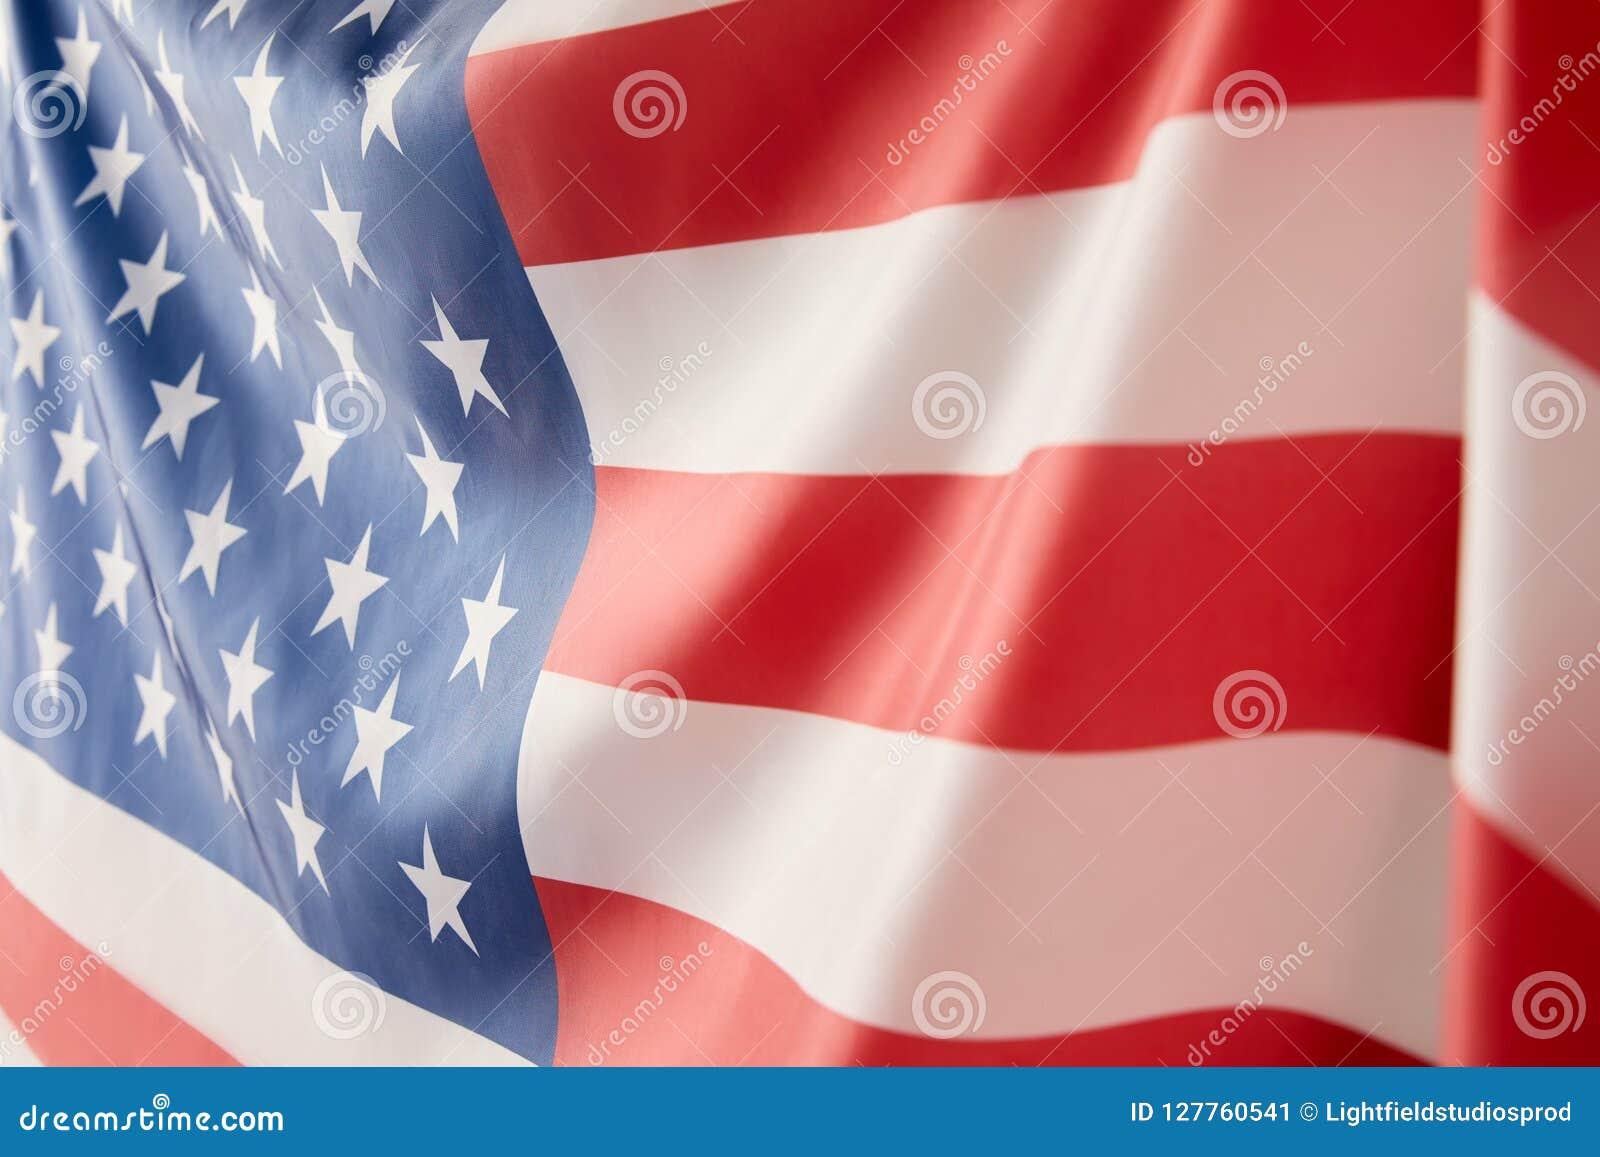 закройте вверх по взгляду флага Соединенных Штатов Америки